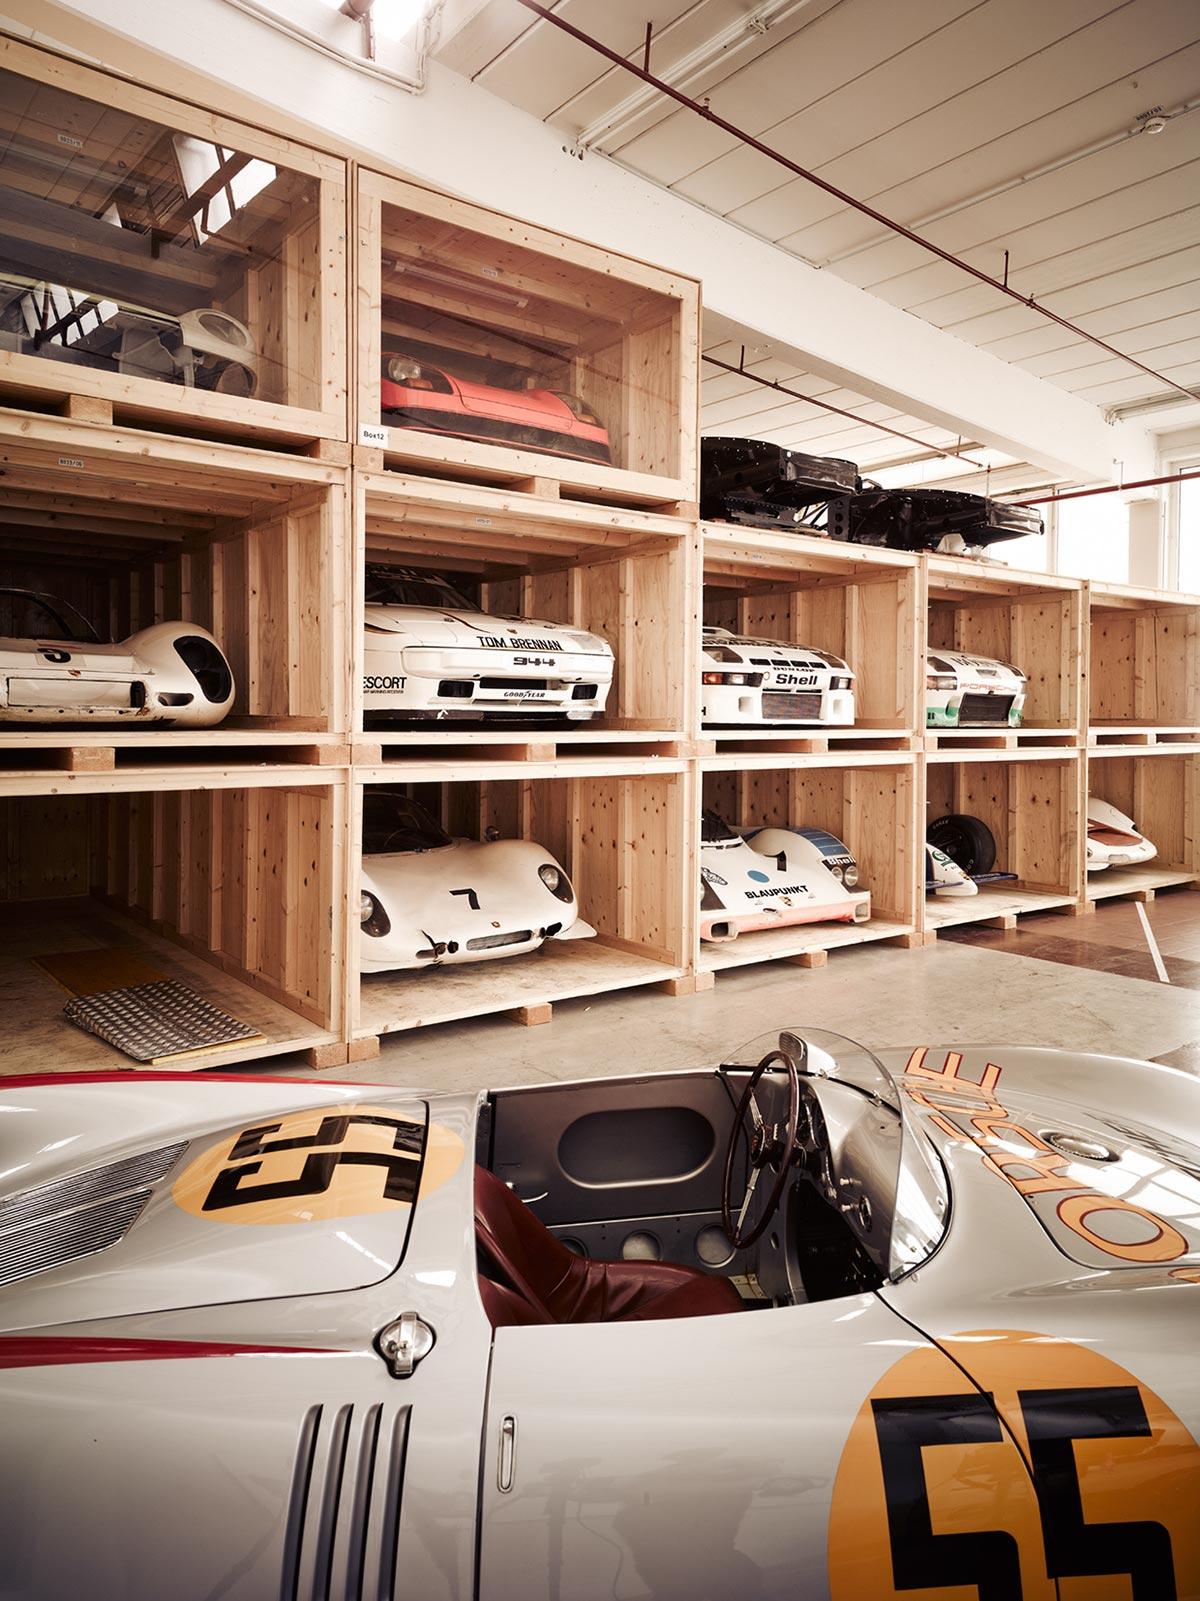 A Look Inside Porsche's Secret Stuttgart Warehouse 3